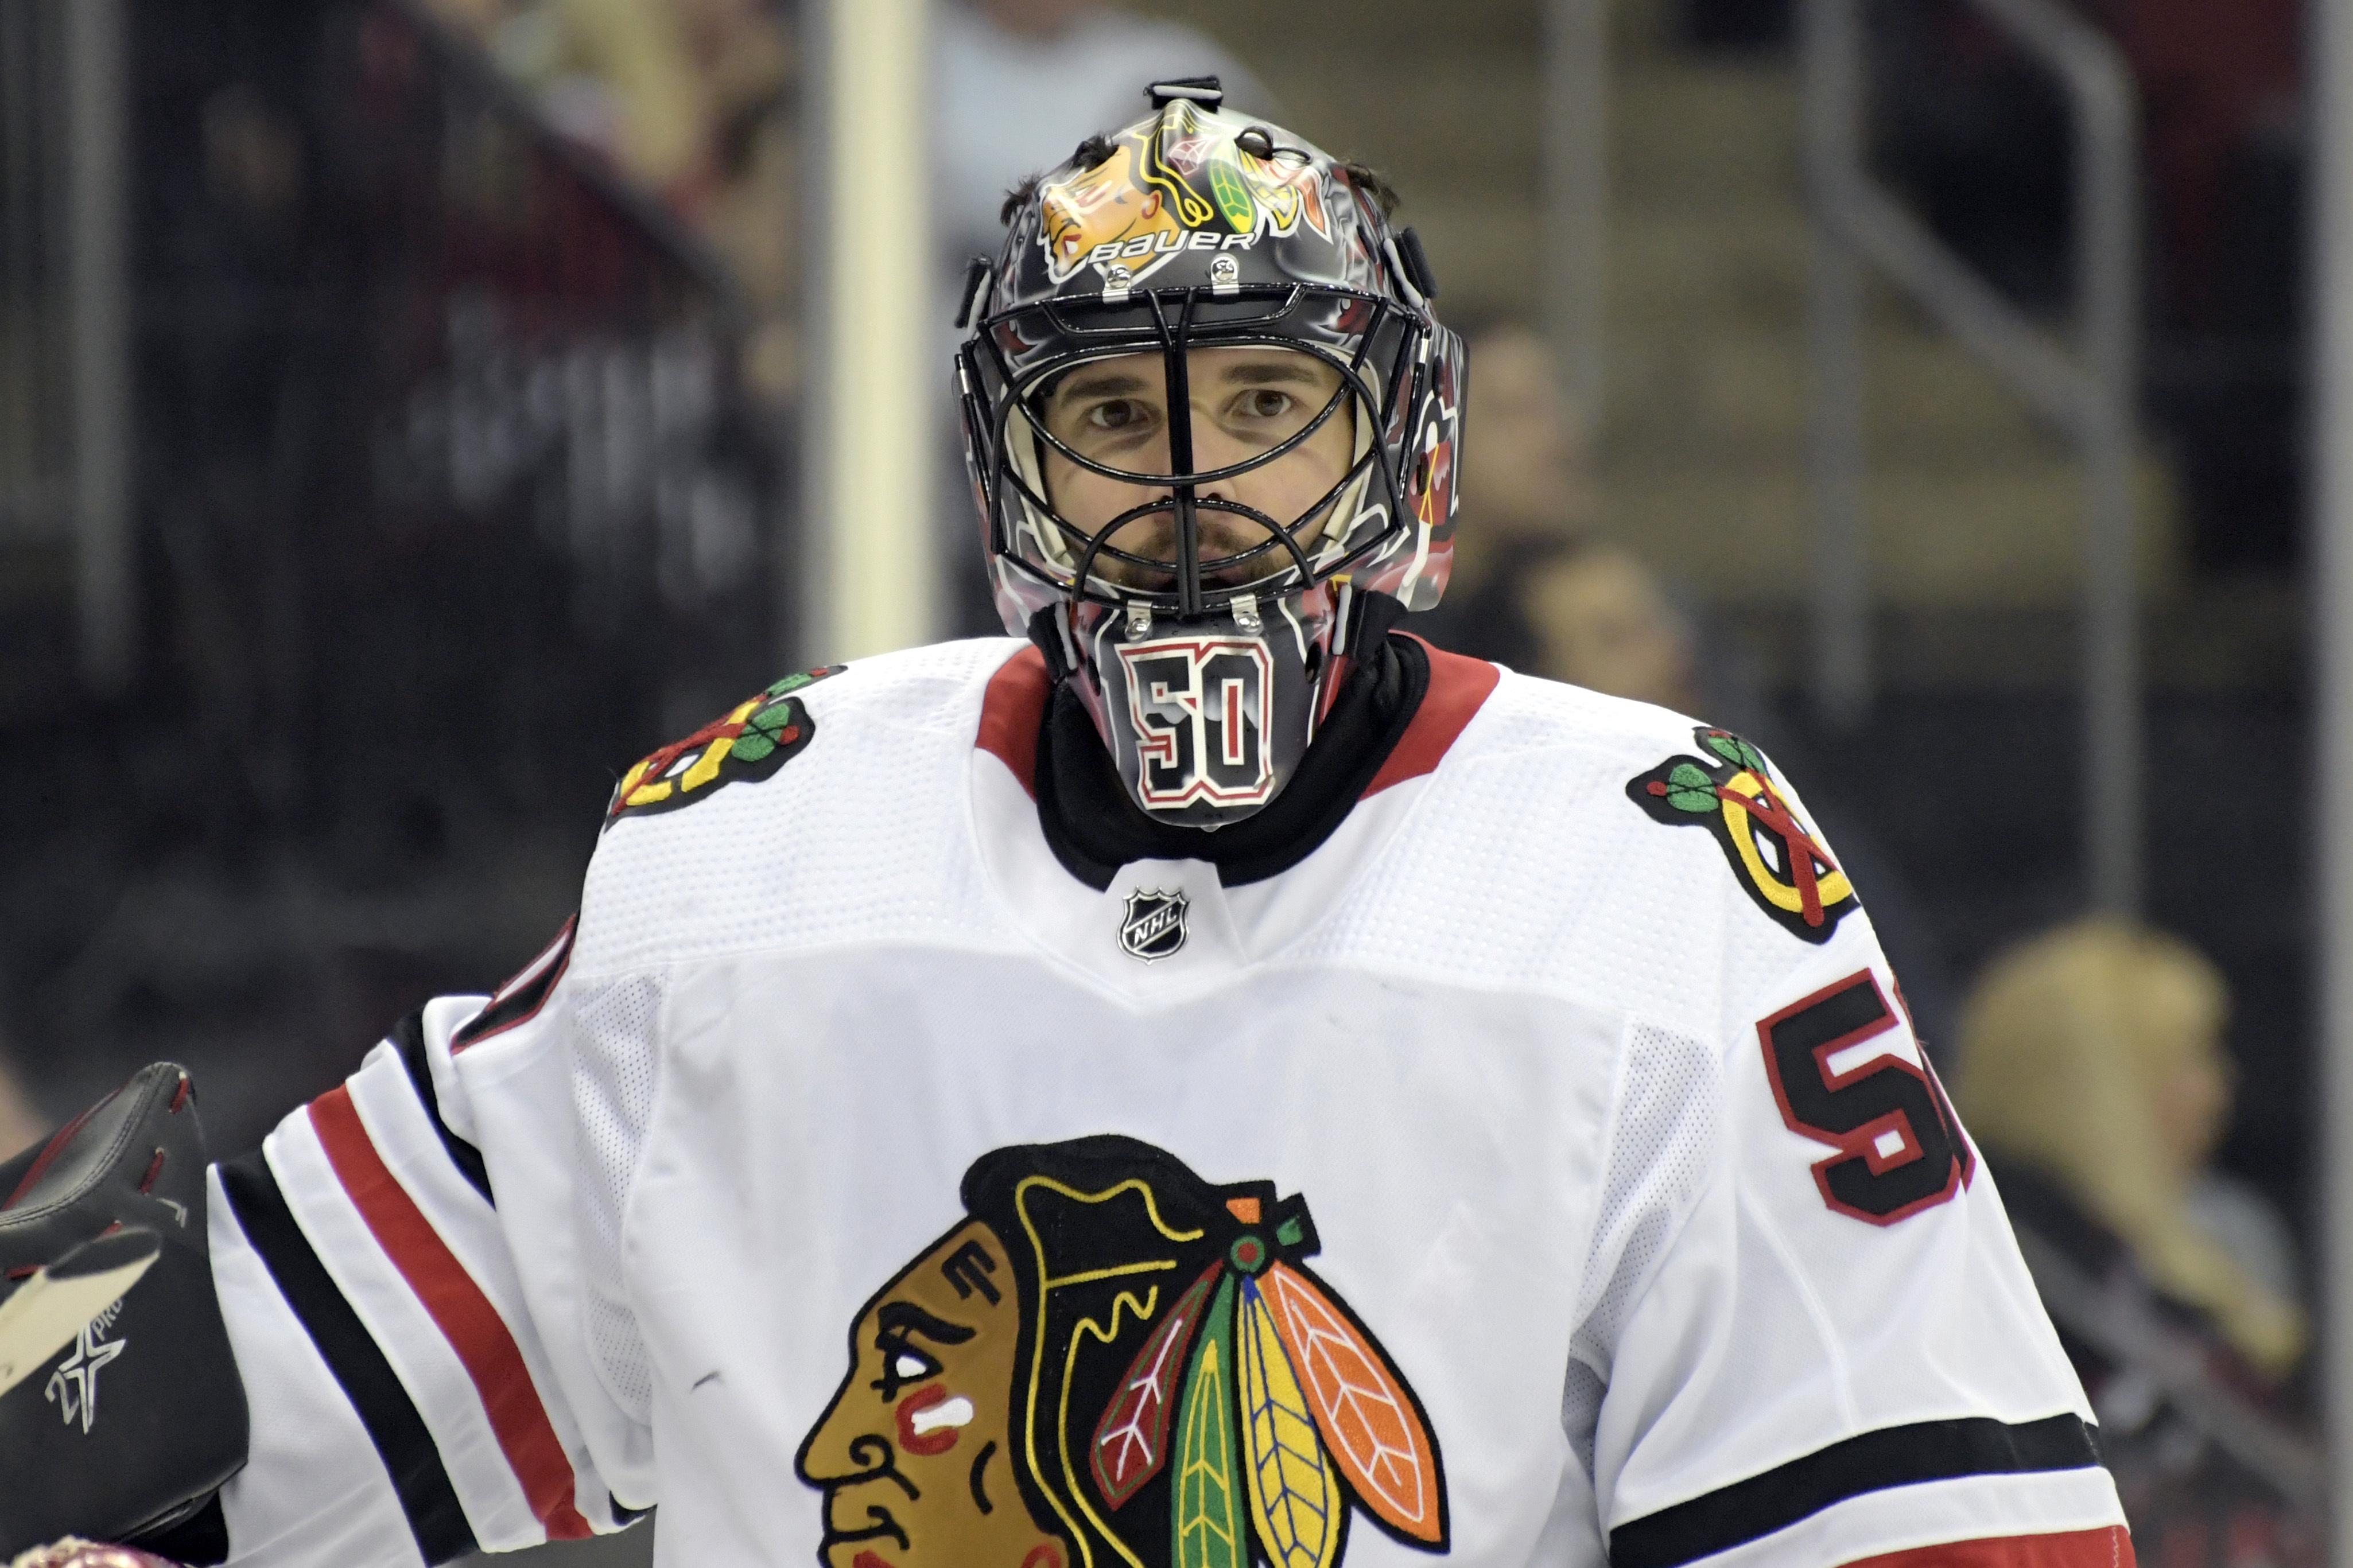 Longtime Blackhawks goaltender Corey Crawford will not return next season, ushering in a new era for the team.